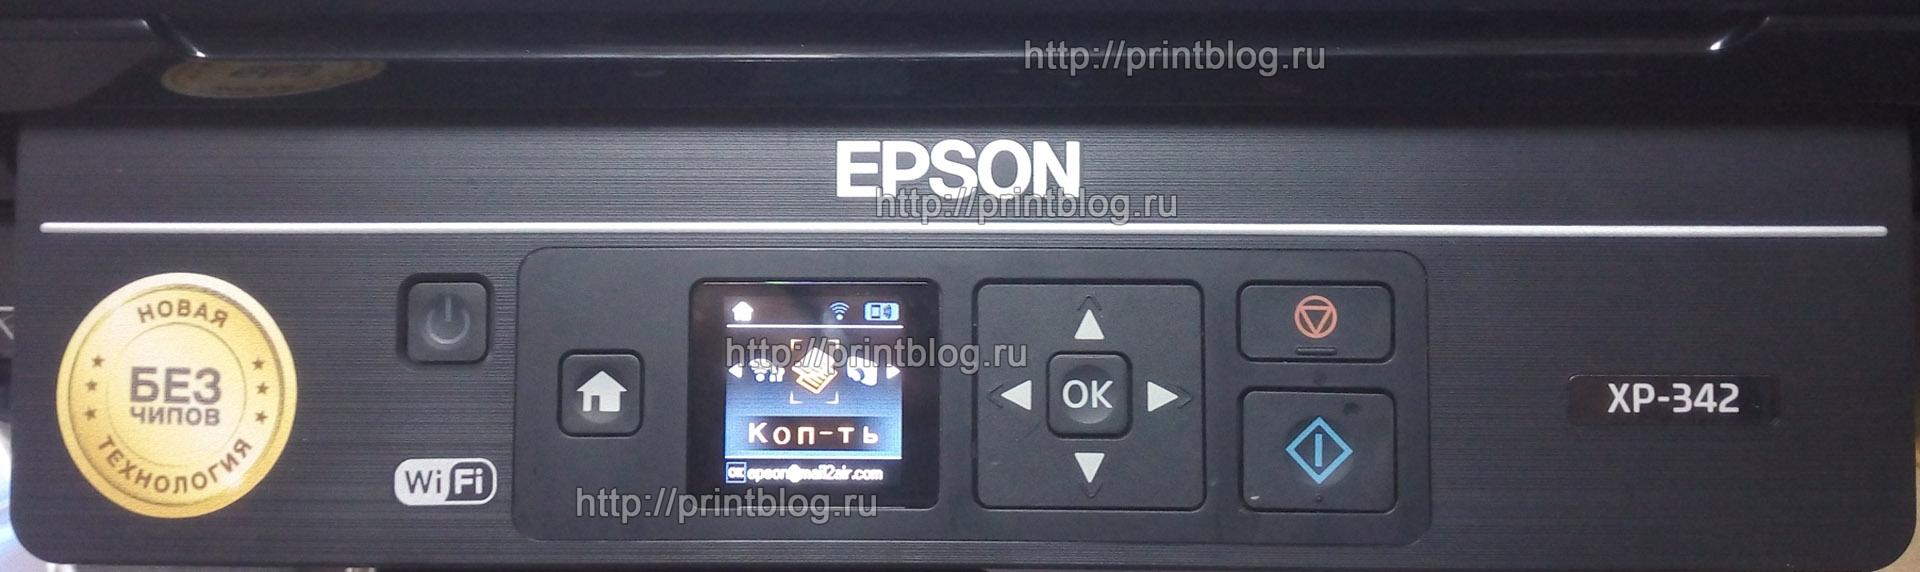 Прошивка в бесчиповый Epson Expression Home XP-342